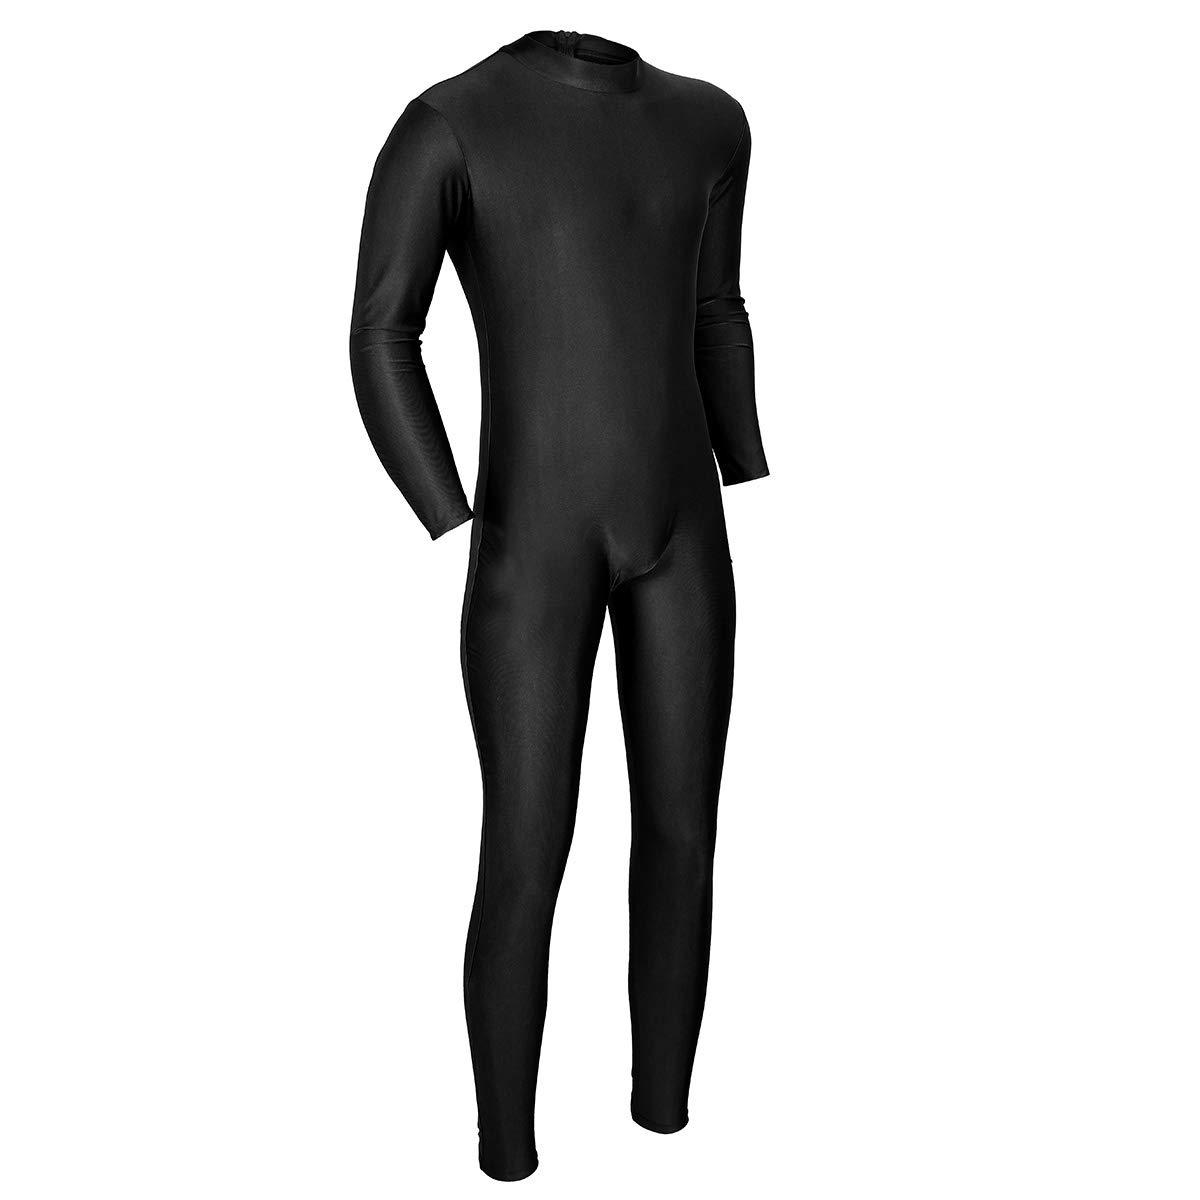 YiZYiF Herren Langarm Overall Jumpsuit Rollkragen Unterhemd Ganzk/örperanzug mit Rei/ßverschluss Einteiler Bodysuit Tanz Sport Kleidung